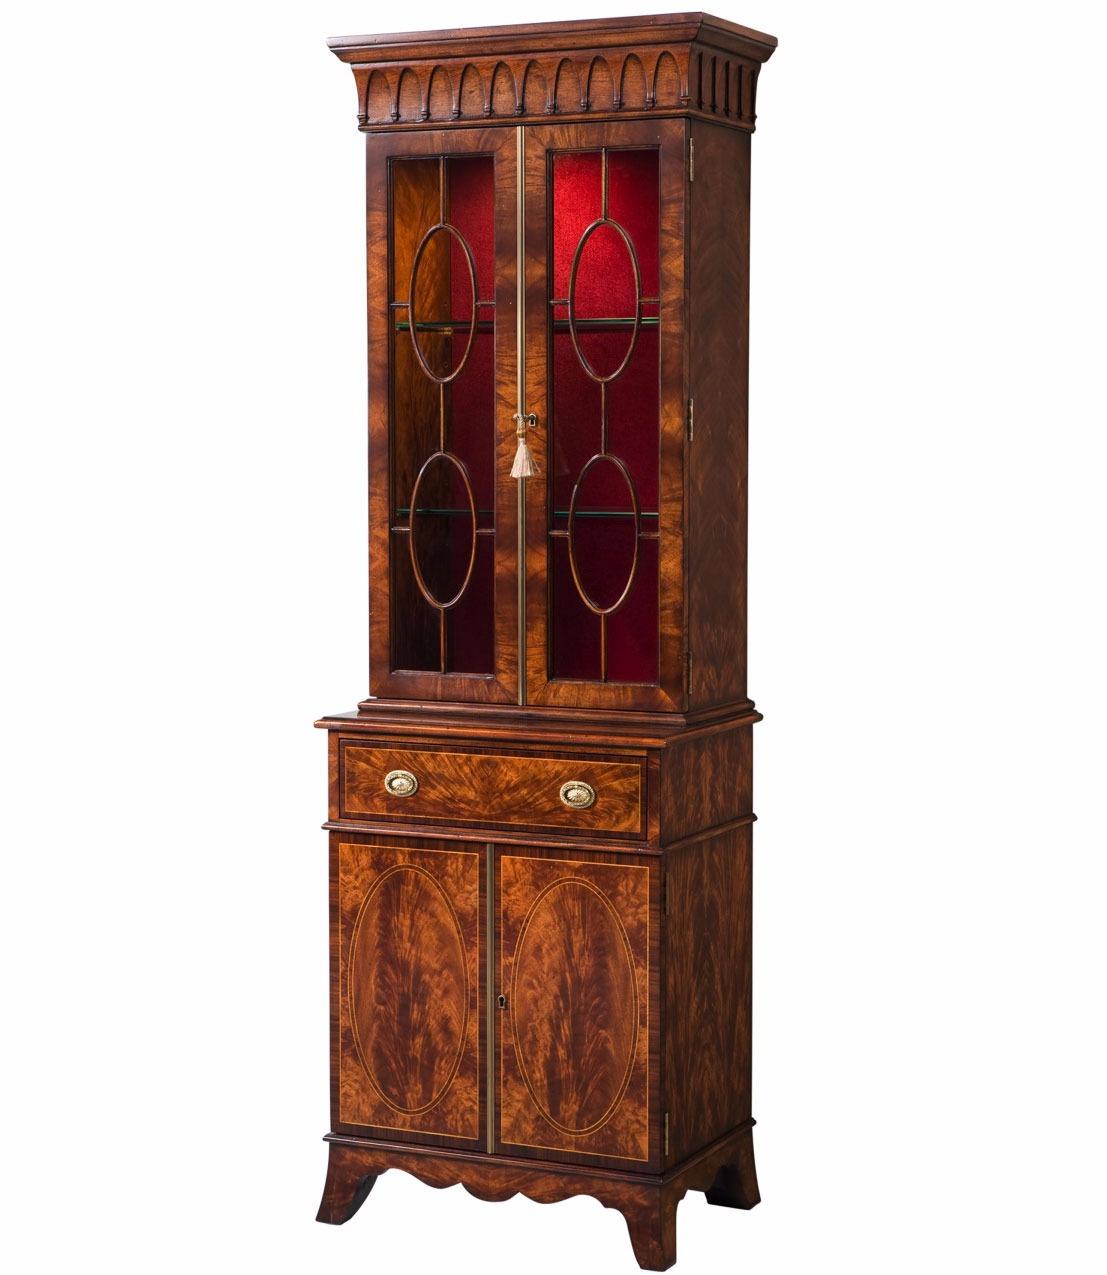 Sheraton style mahogany bookcase